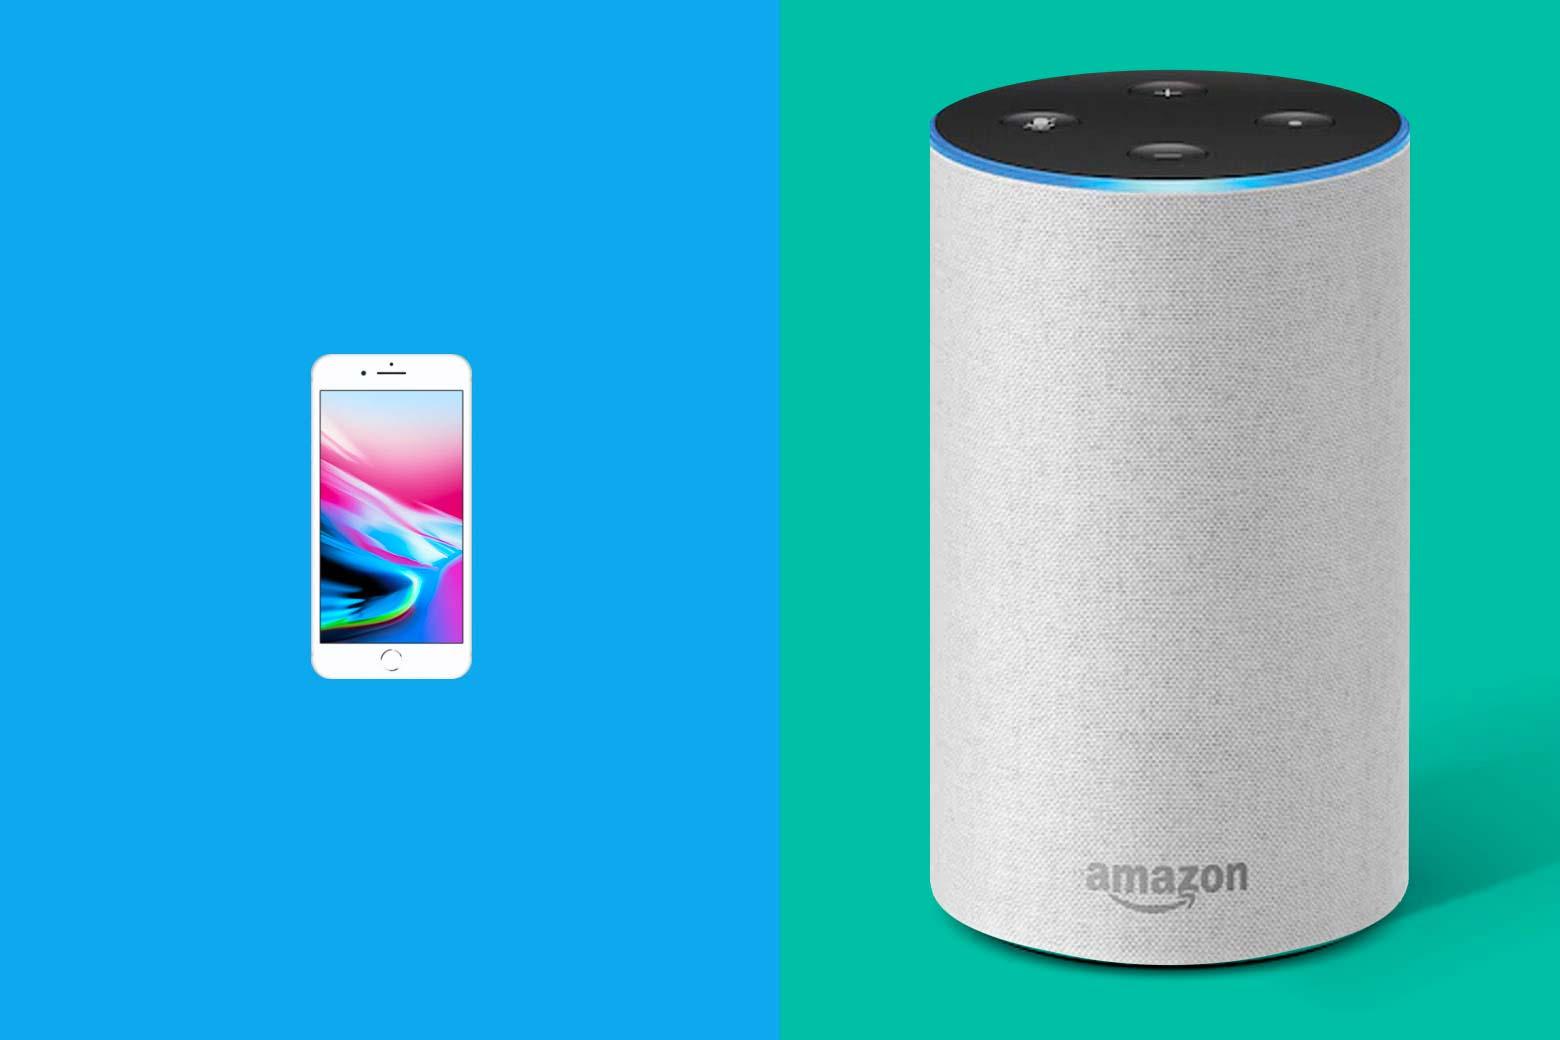 Left: iPhone Right: Amazon Echo